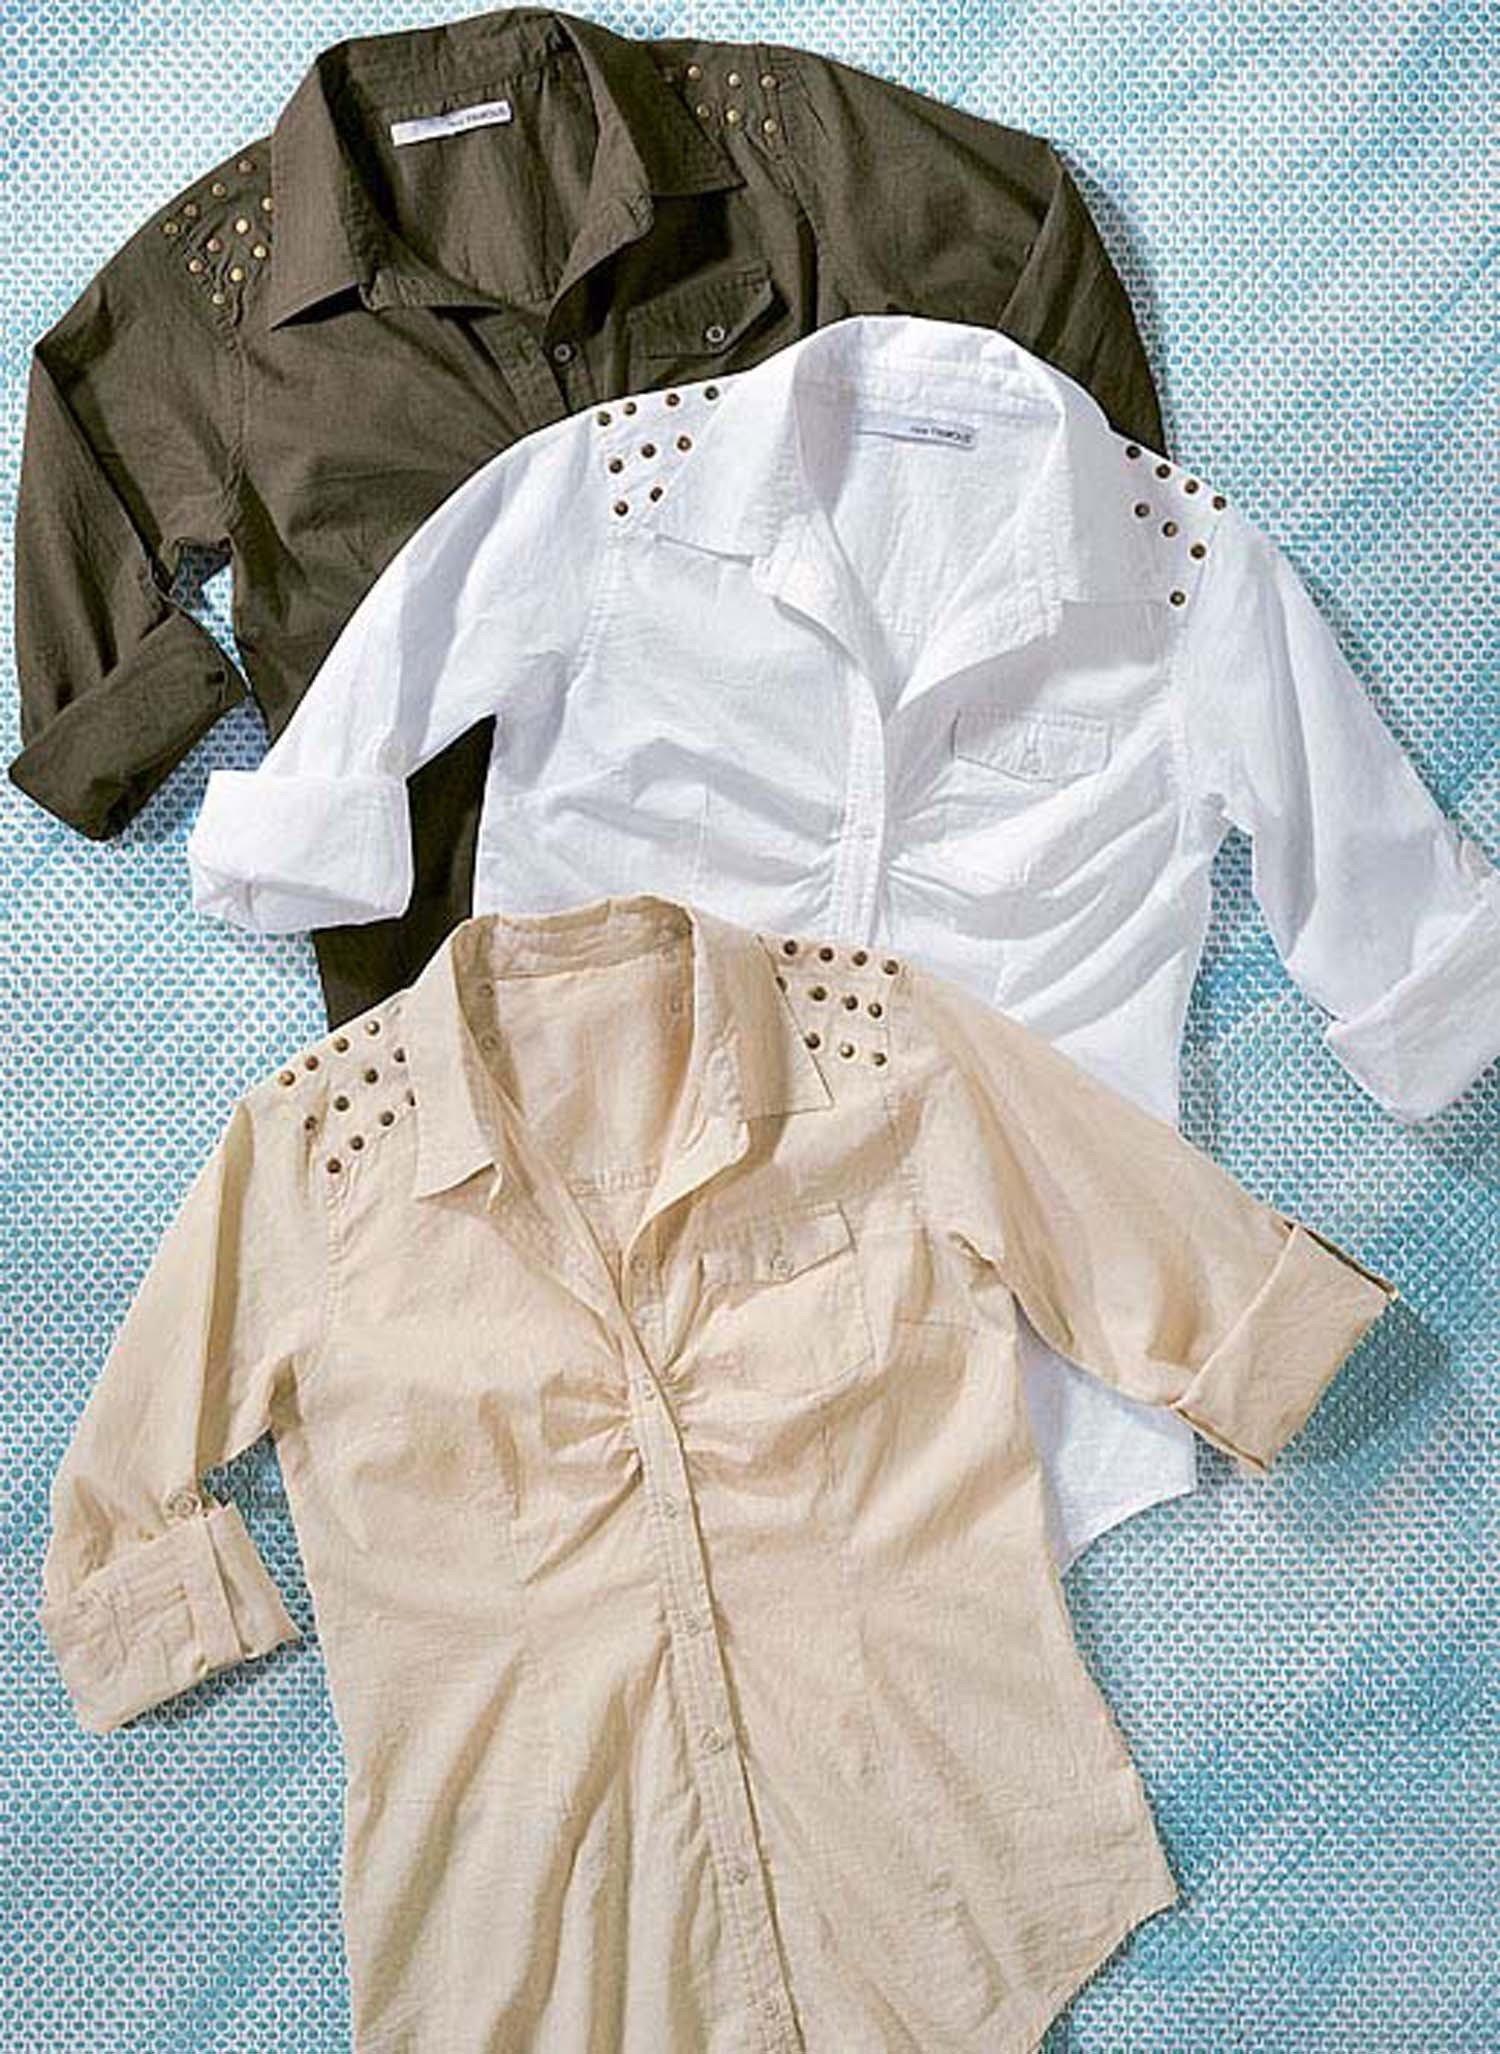 D-LA-Bluse,Kupfer-A.,beige XL 008 - 1 - Ronja.ch